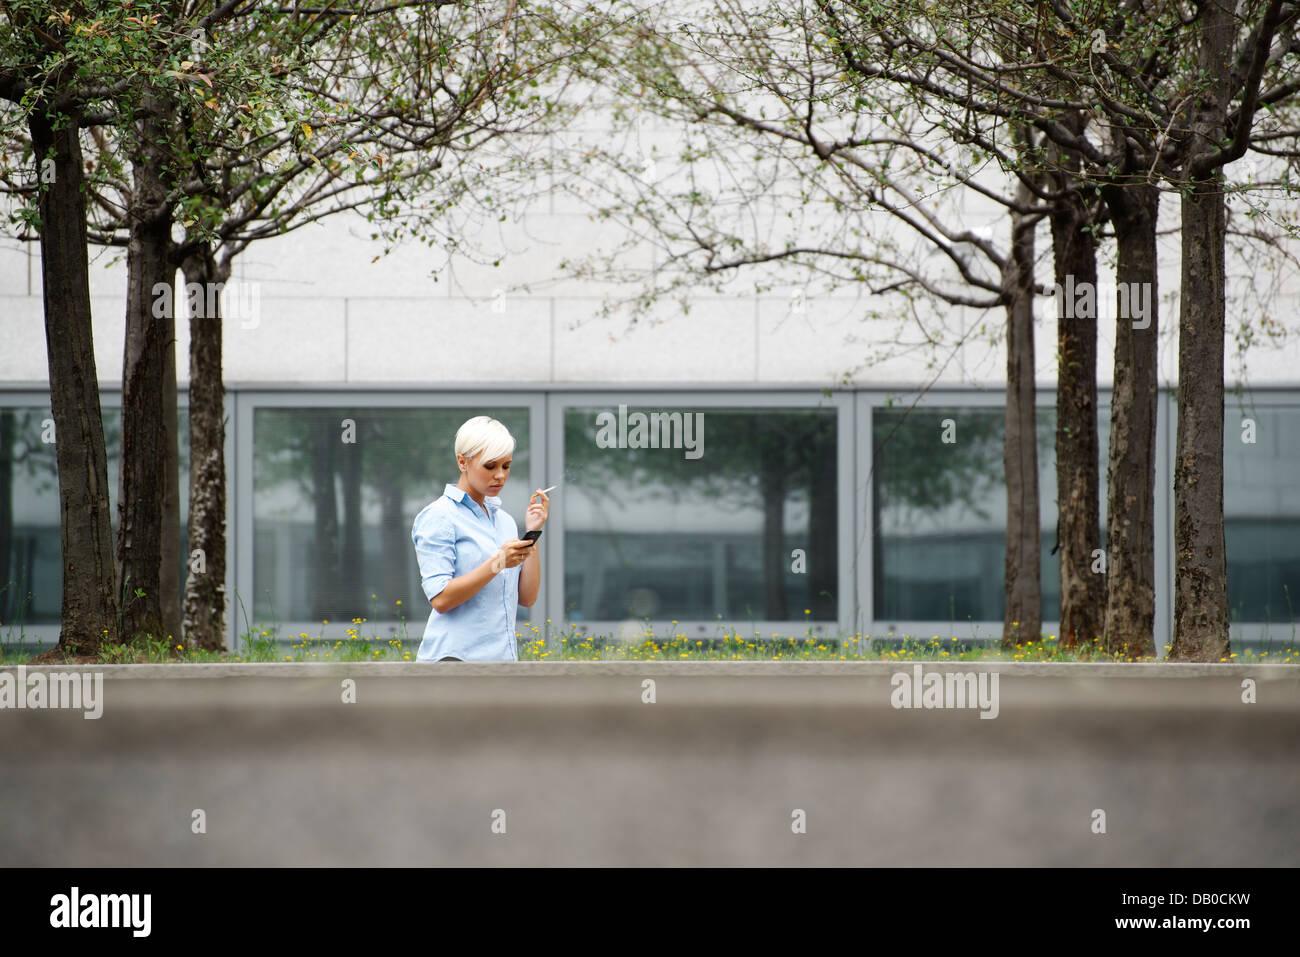 Giovane imprenditrice Sigaretta fumare durante la pausa fuori dell'edificio degli uffici. Ripresa in grandangolo, Immagini Stock